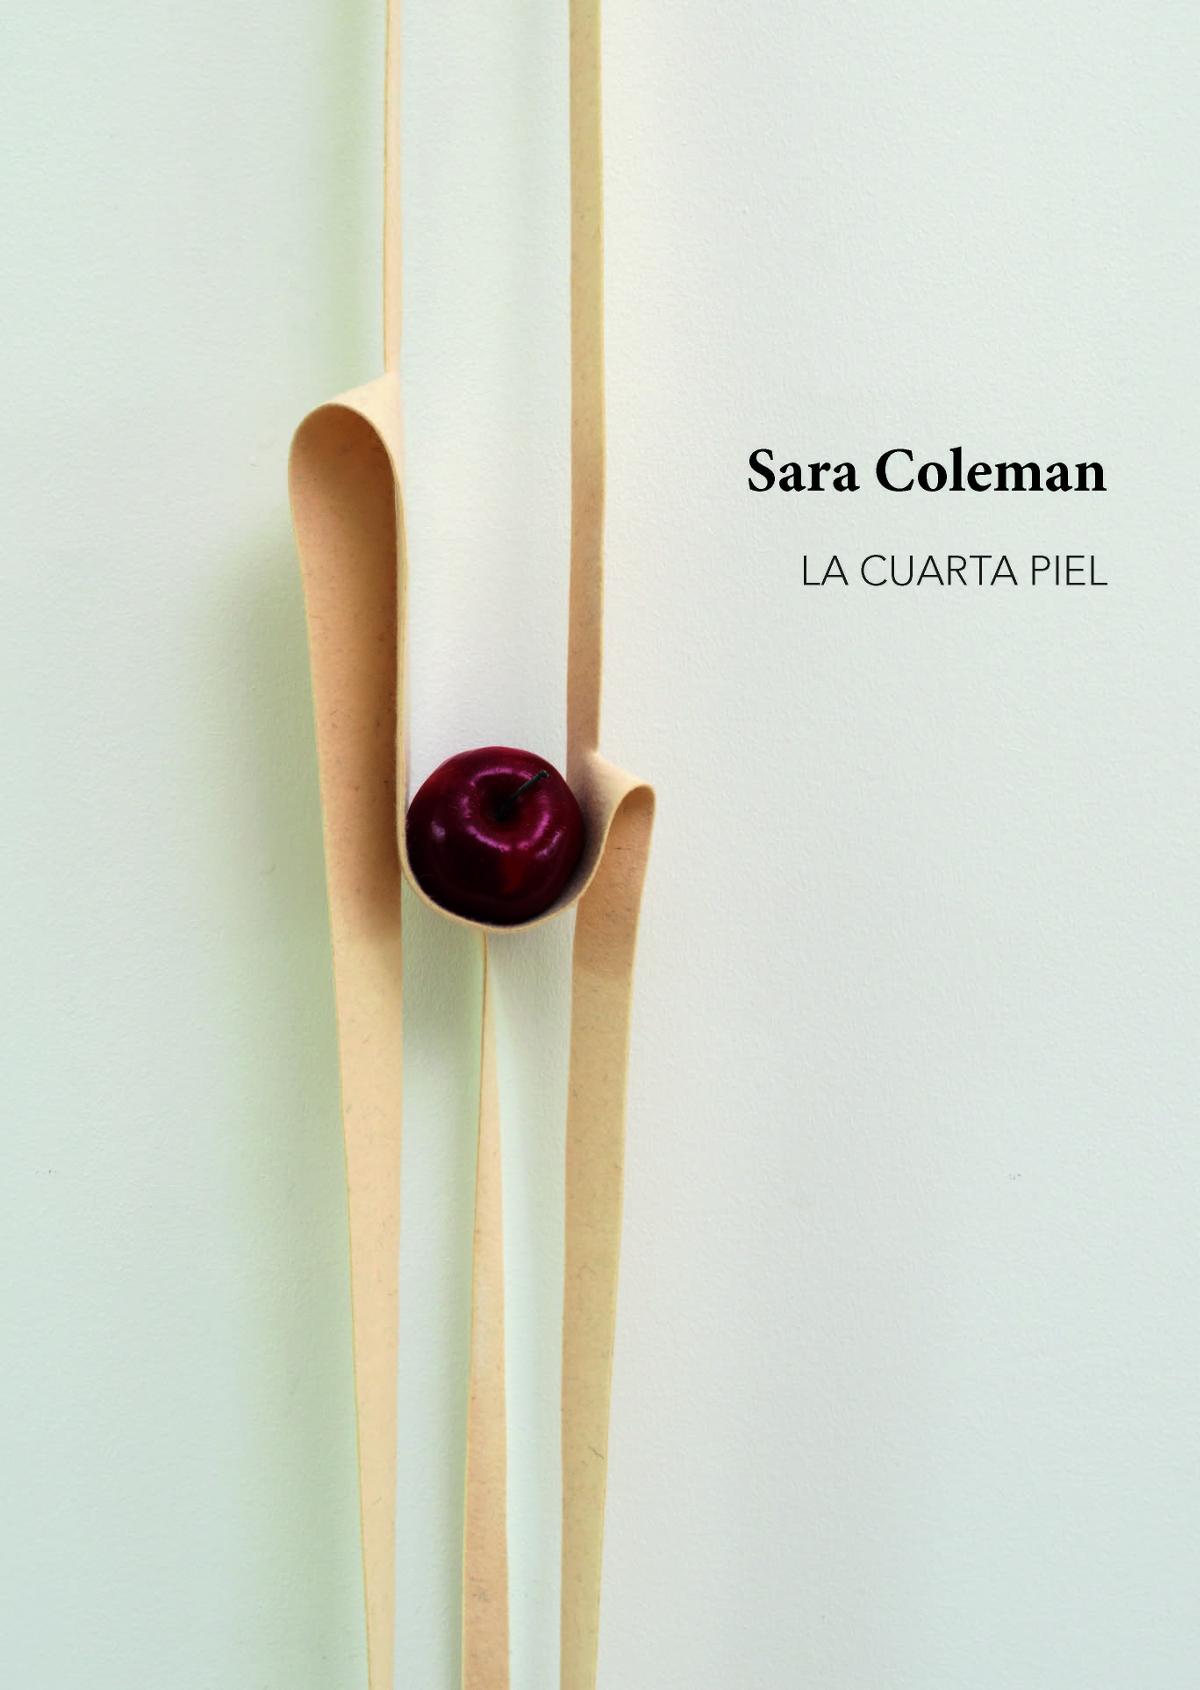 Sara Coleman